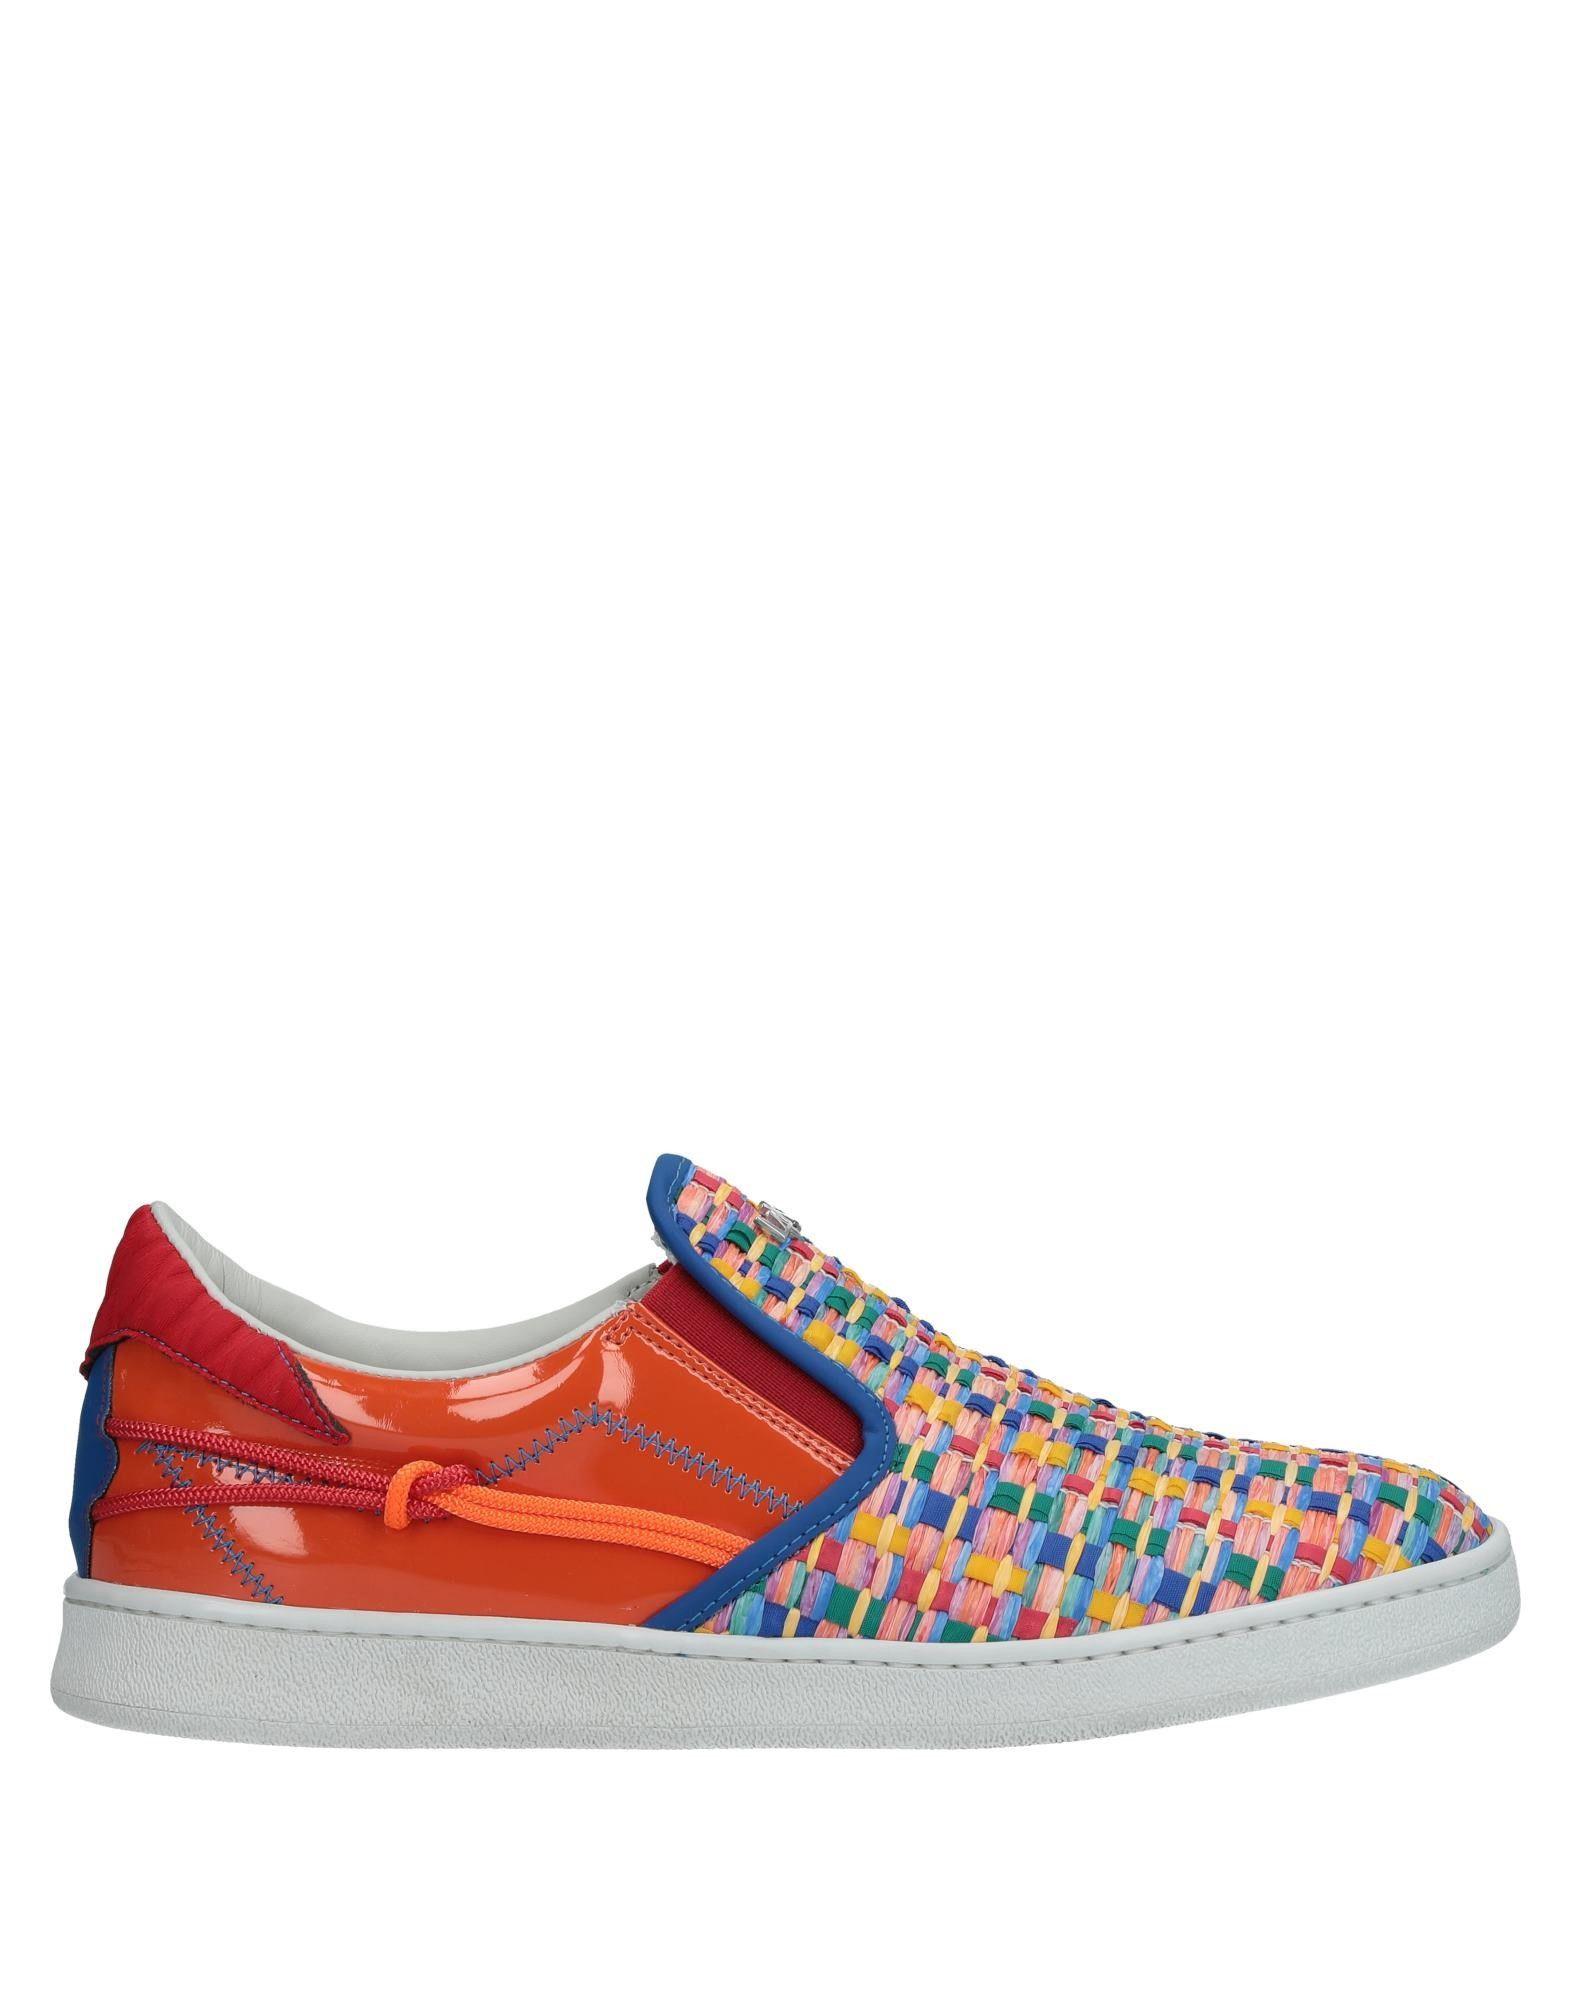 Moda Sneakers L4k3 Uomo - 11527476GR